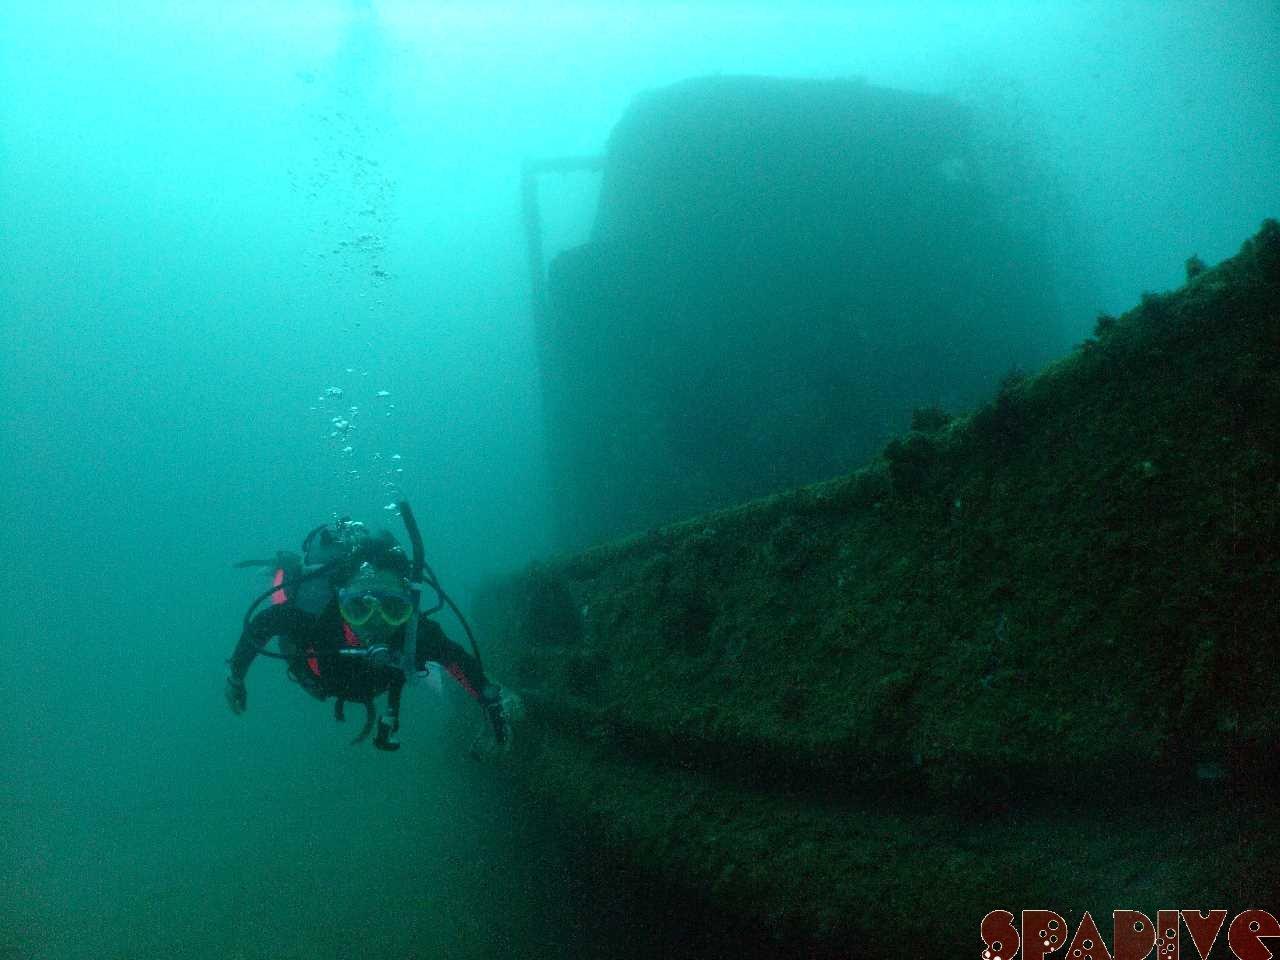 沈船 Wアーチ AOWコースボートダイビング 10/16/2011南紀白浜